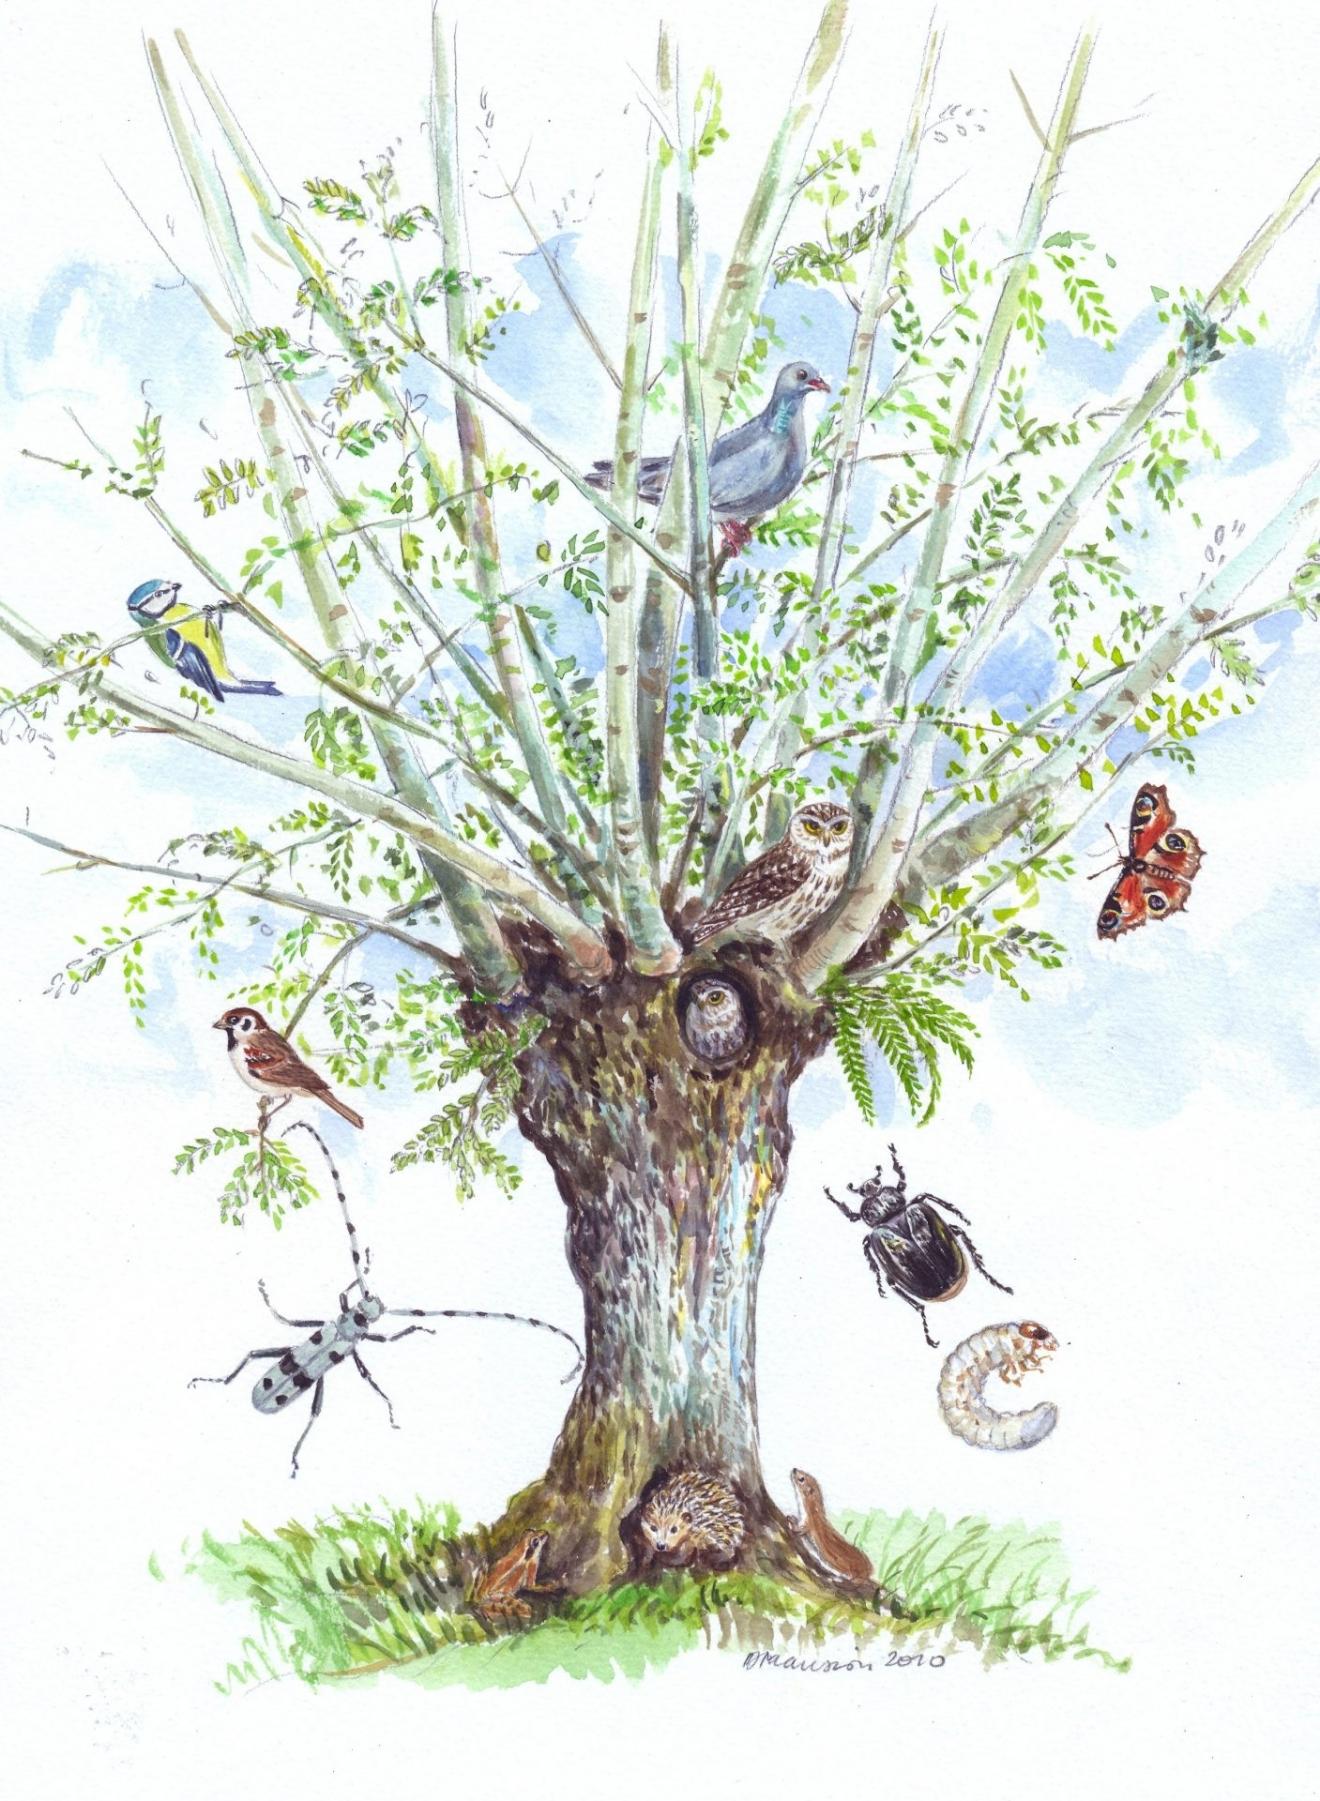 Dominique Mansion : « Les trognes, arbres paysans aux mille usages »